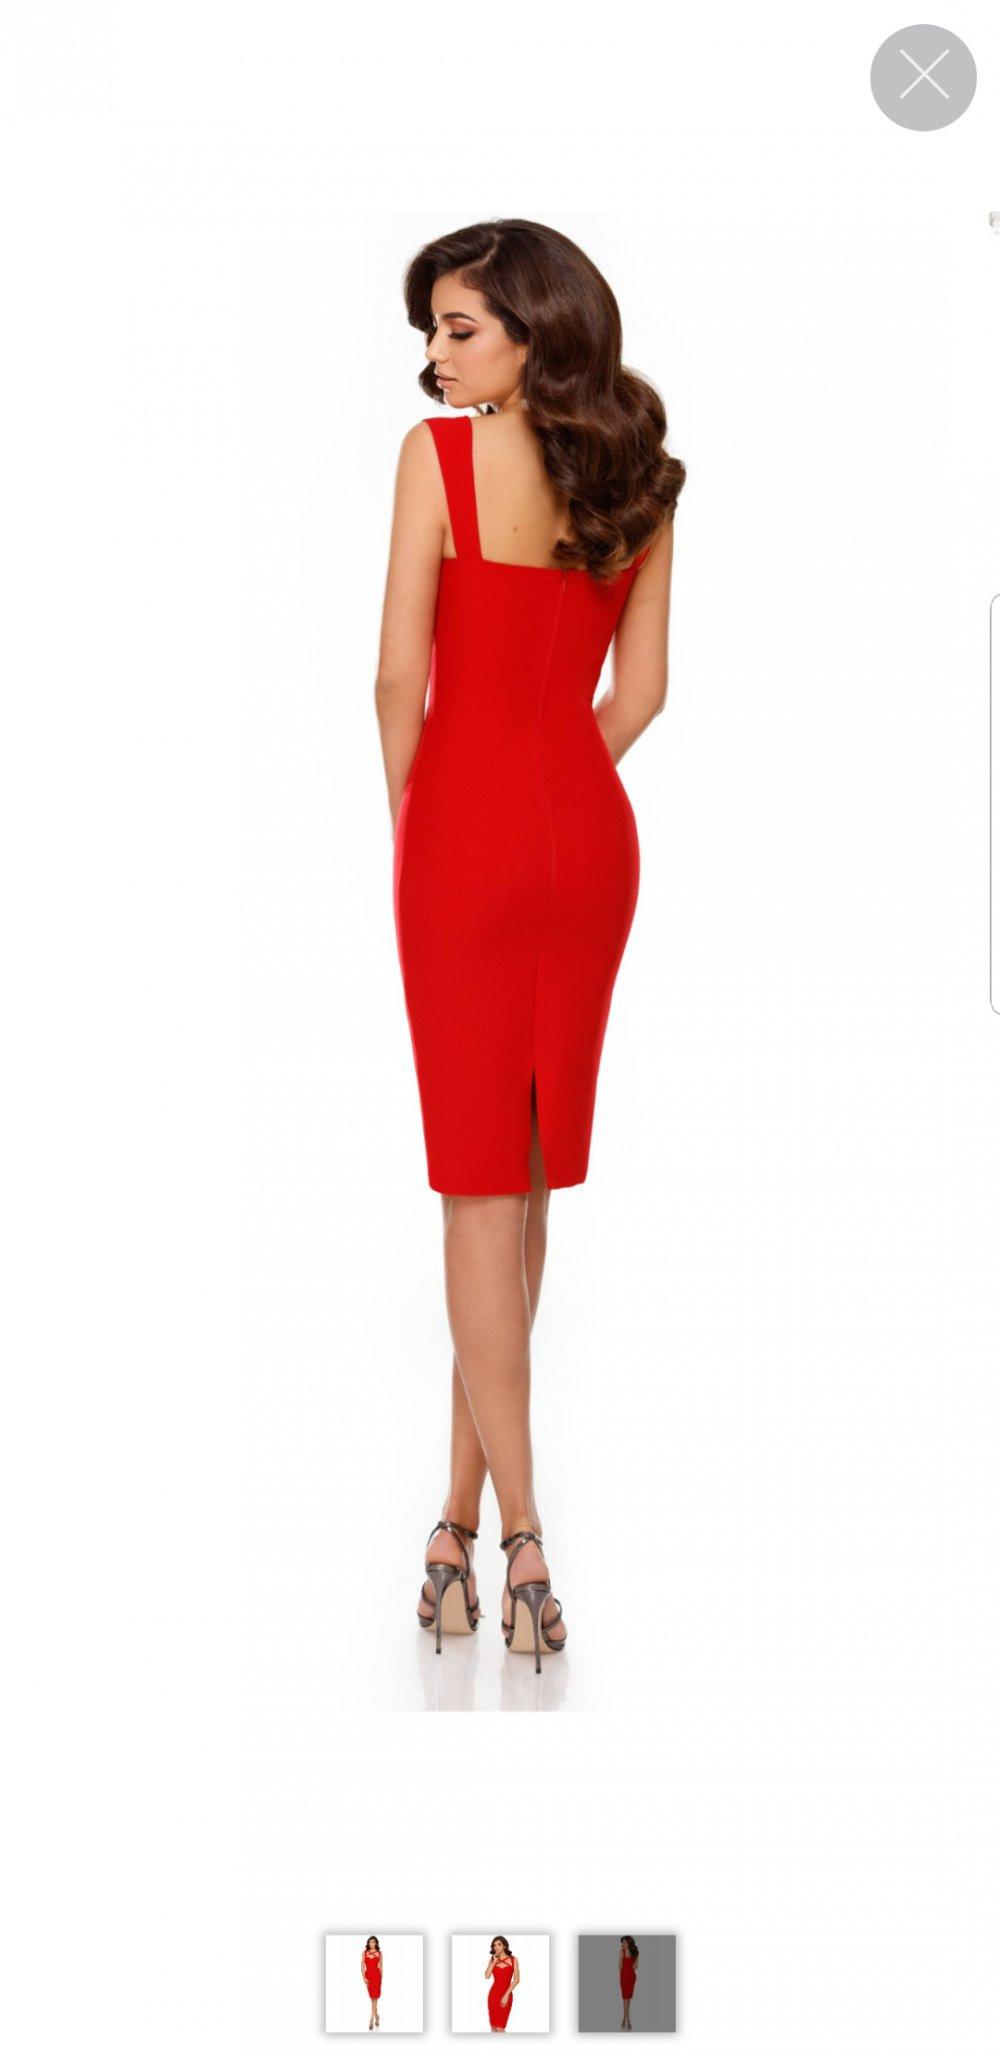 Designer Schön Rotes Abendkleid Kurz SpezialgebietDesigner Coolste Rotes Abendkleid Kurz Boutique